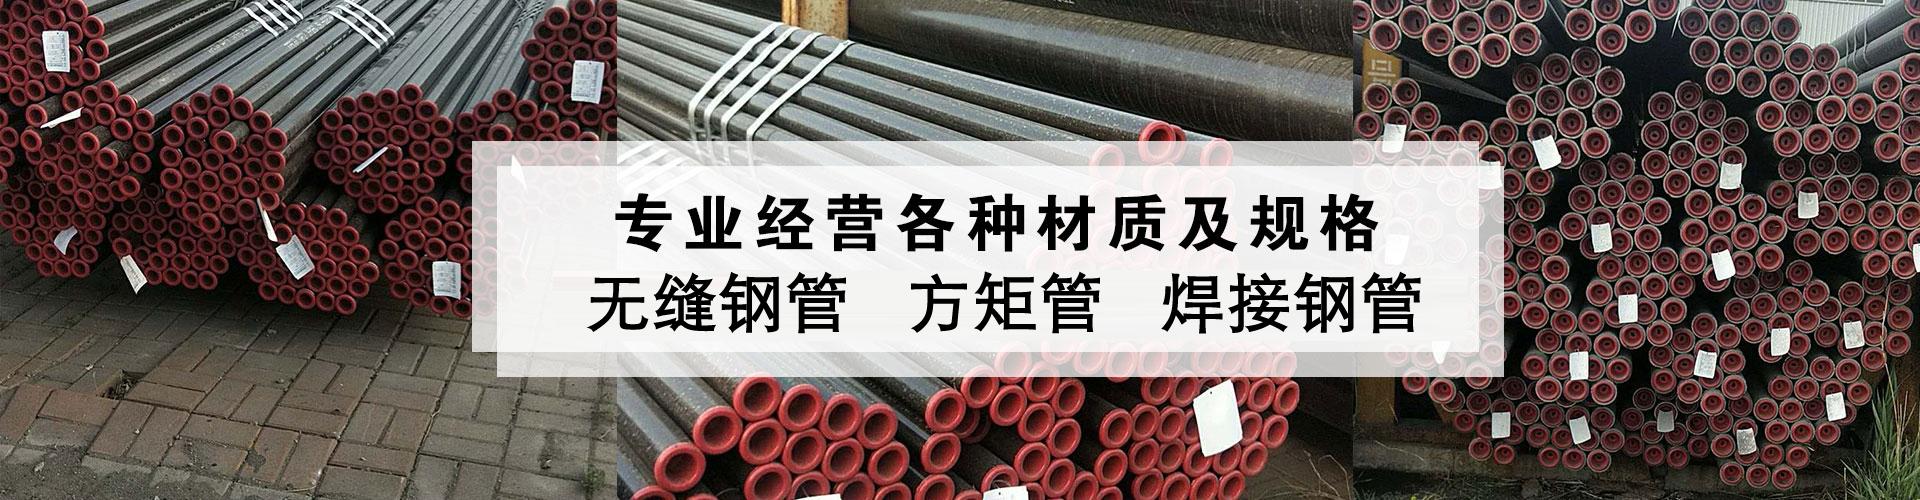 主營:無縫鋼管\方矩管\焊接鋼管